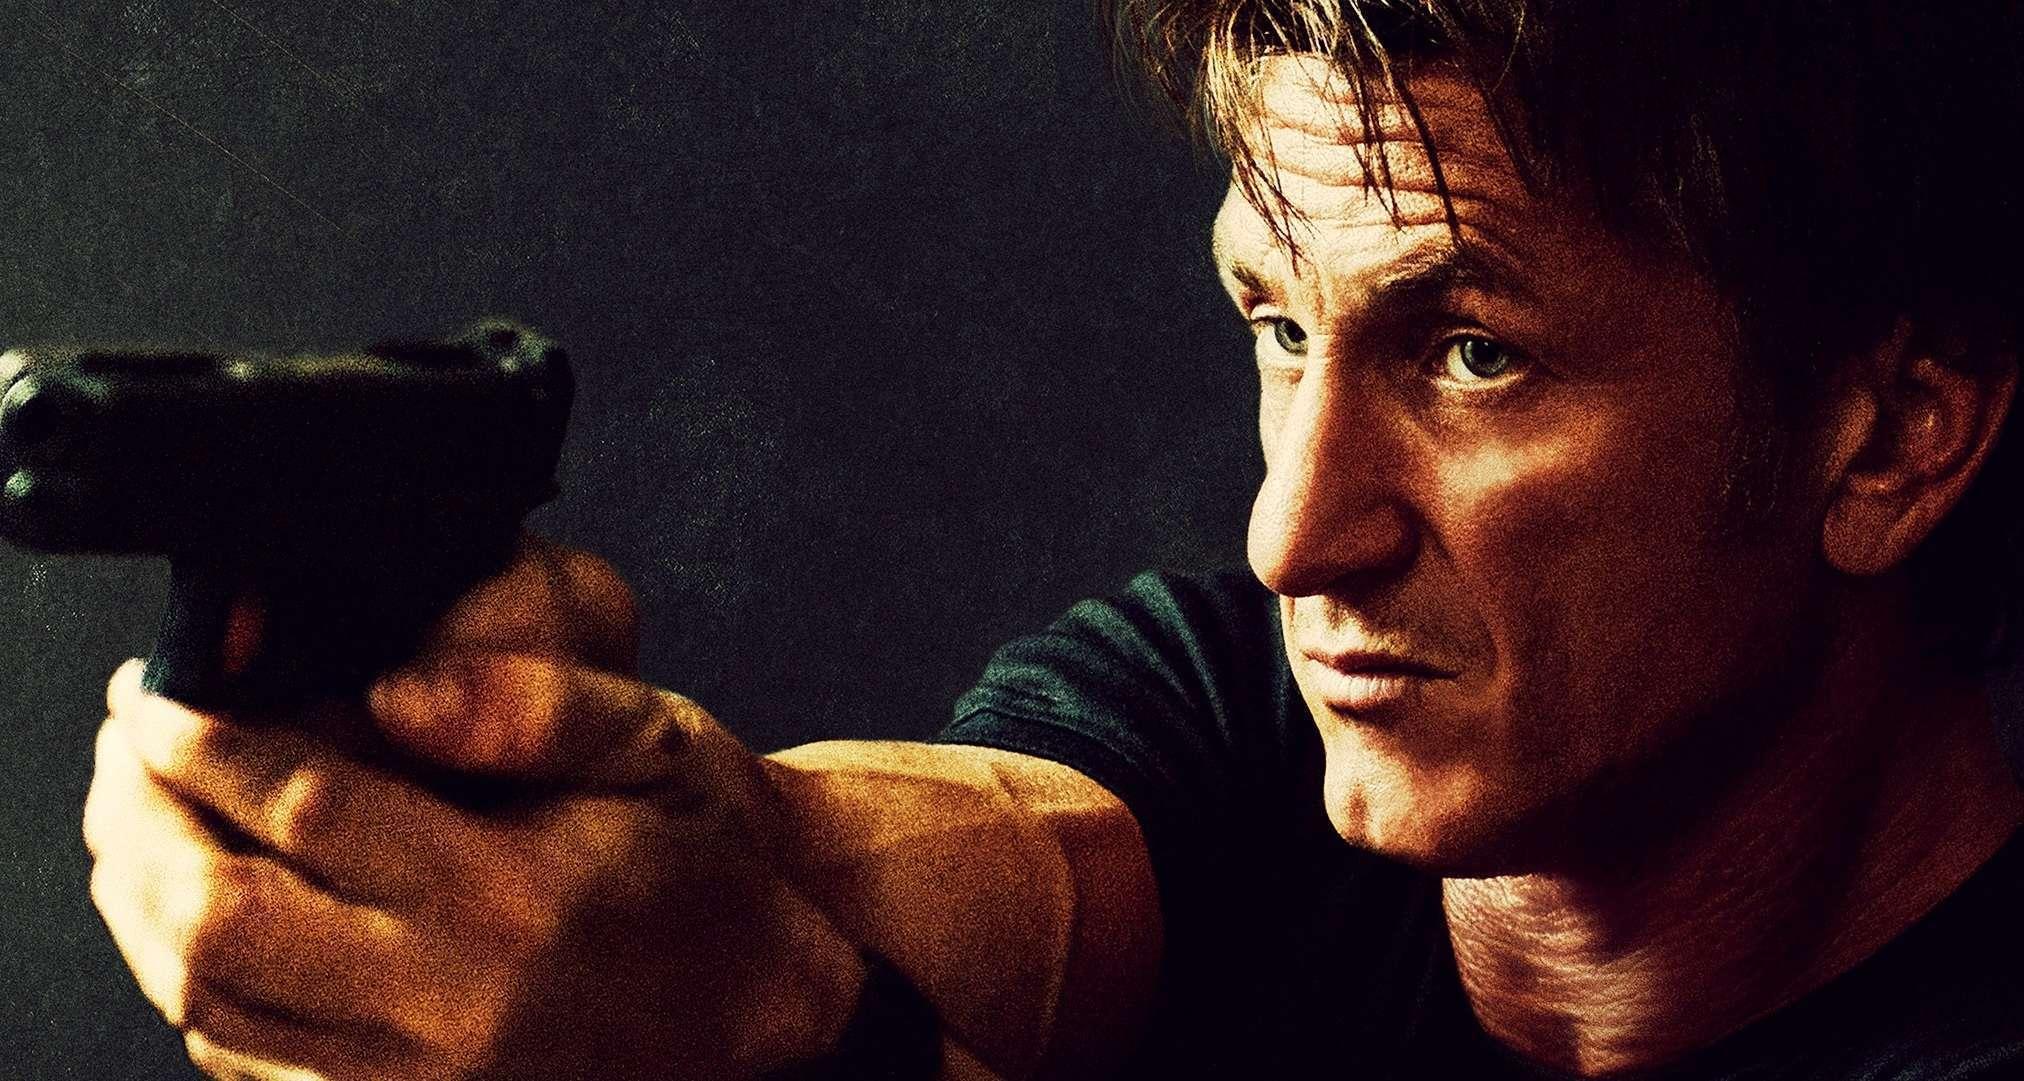 The Gunman Penn